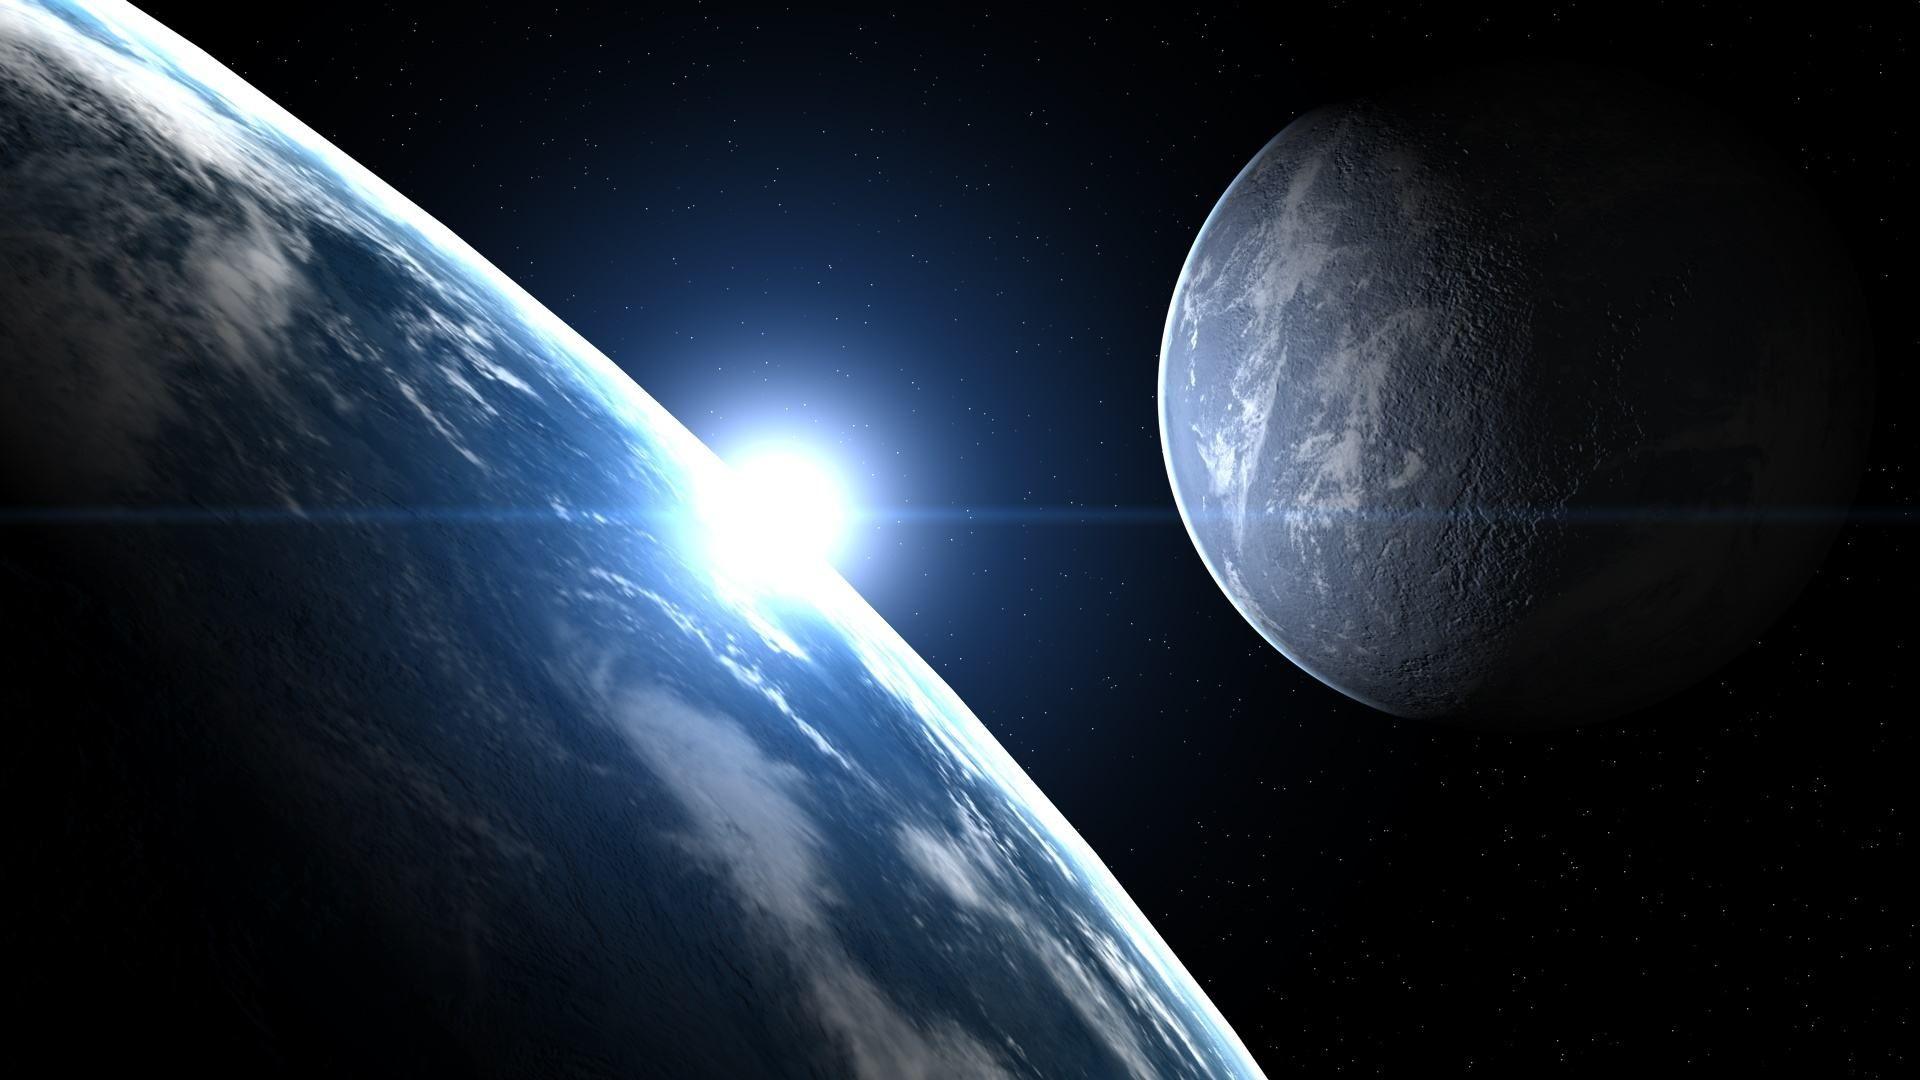 красивое фото с космоса земли и луны зрелище, которое